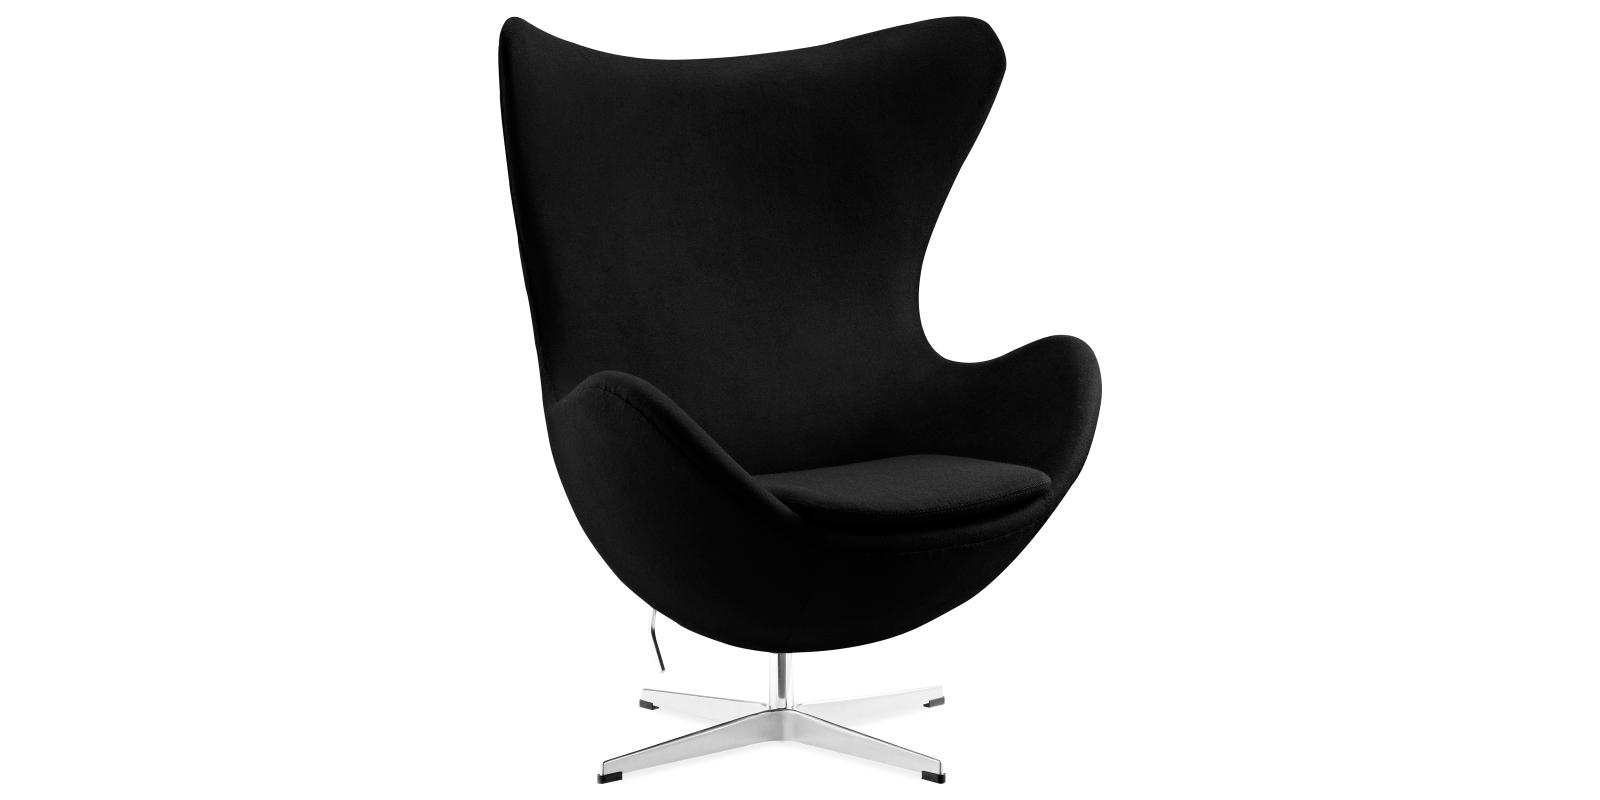 fauteuil-egg-noir-CHA010400-1_3